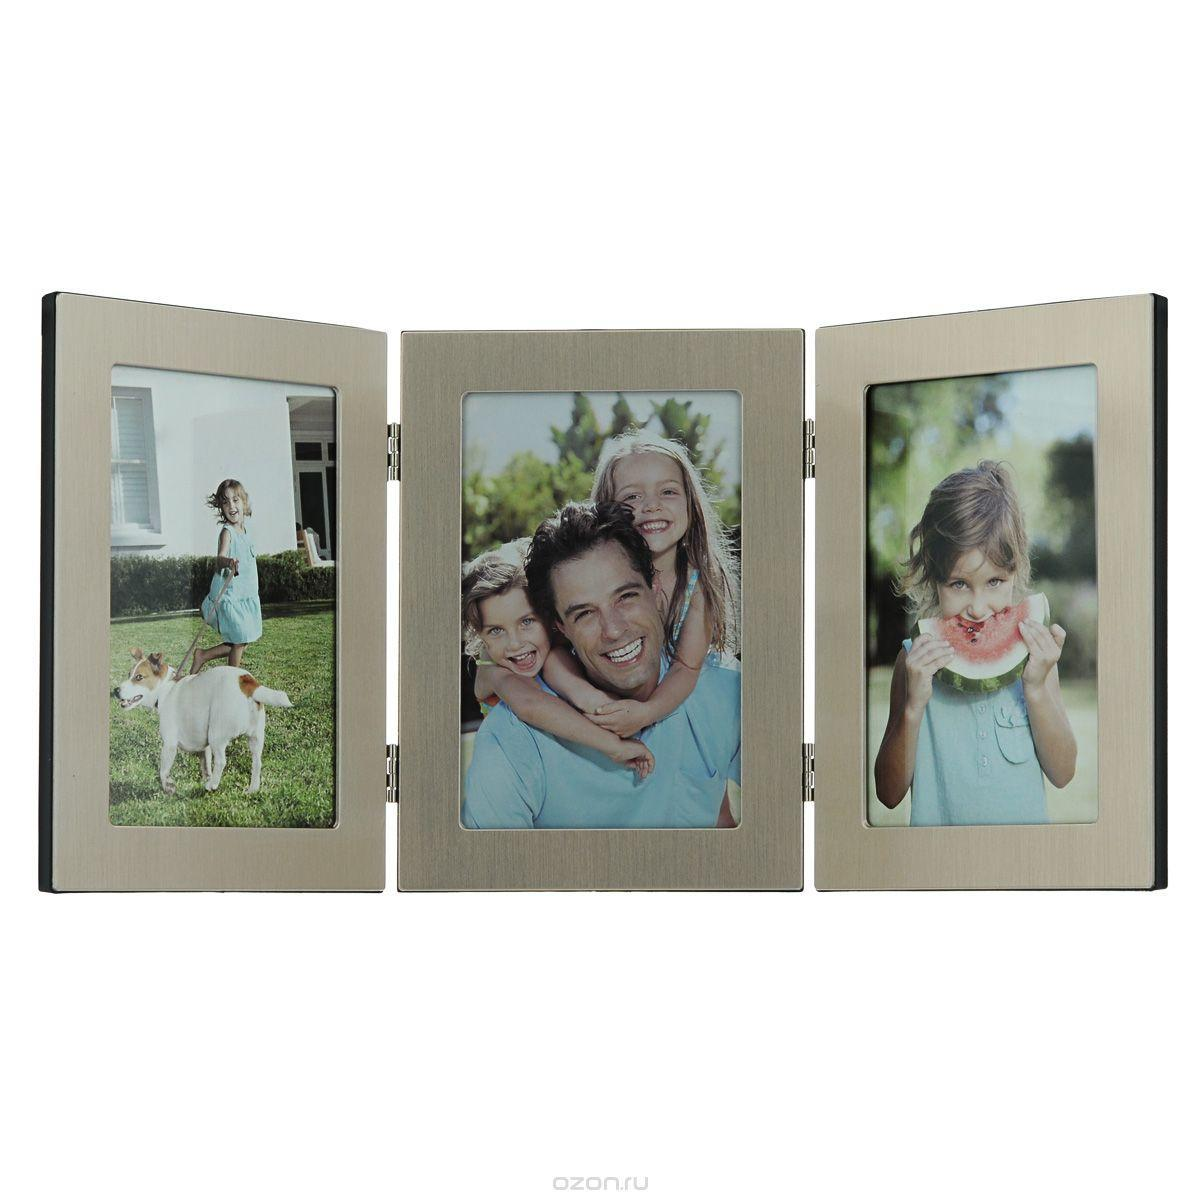 Фоторамка Image Art 6047/3-4G6047/3-4GФоторамка Image Art - прекрасный способ красиво оформить ваши фотографии. Изделие рассчитано на 3 фотографии. Фоторамка выполнена из металла и защищена стеклом. Фоторамку можно поставить на стол или подвесить на стену, для чего с задней стороны предусмотрены специальные отверстия. Такая фоторамка поможет сохранить на память самые яркие моменты вашей жизни, а стильный дизайн сделает ее прекрасным дополнением интерьера.